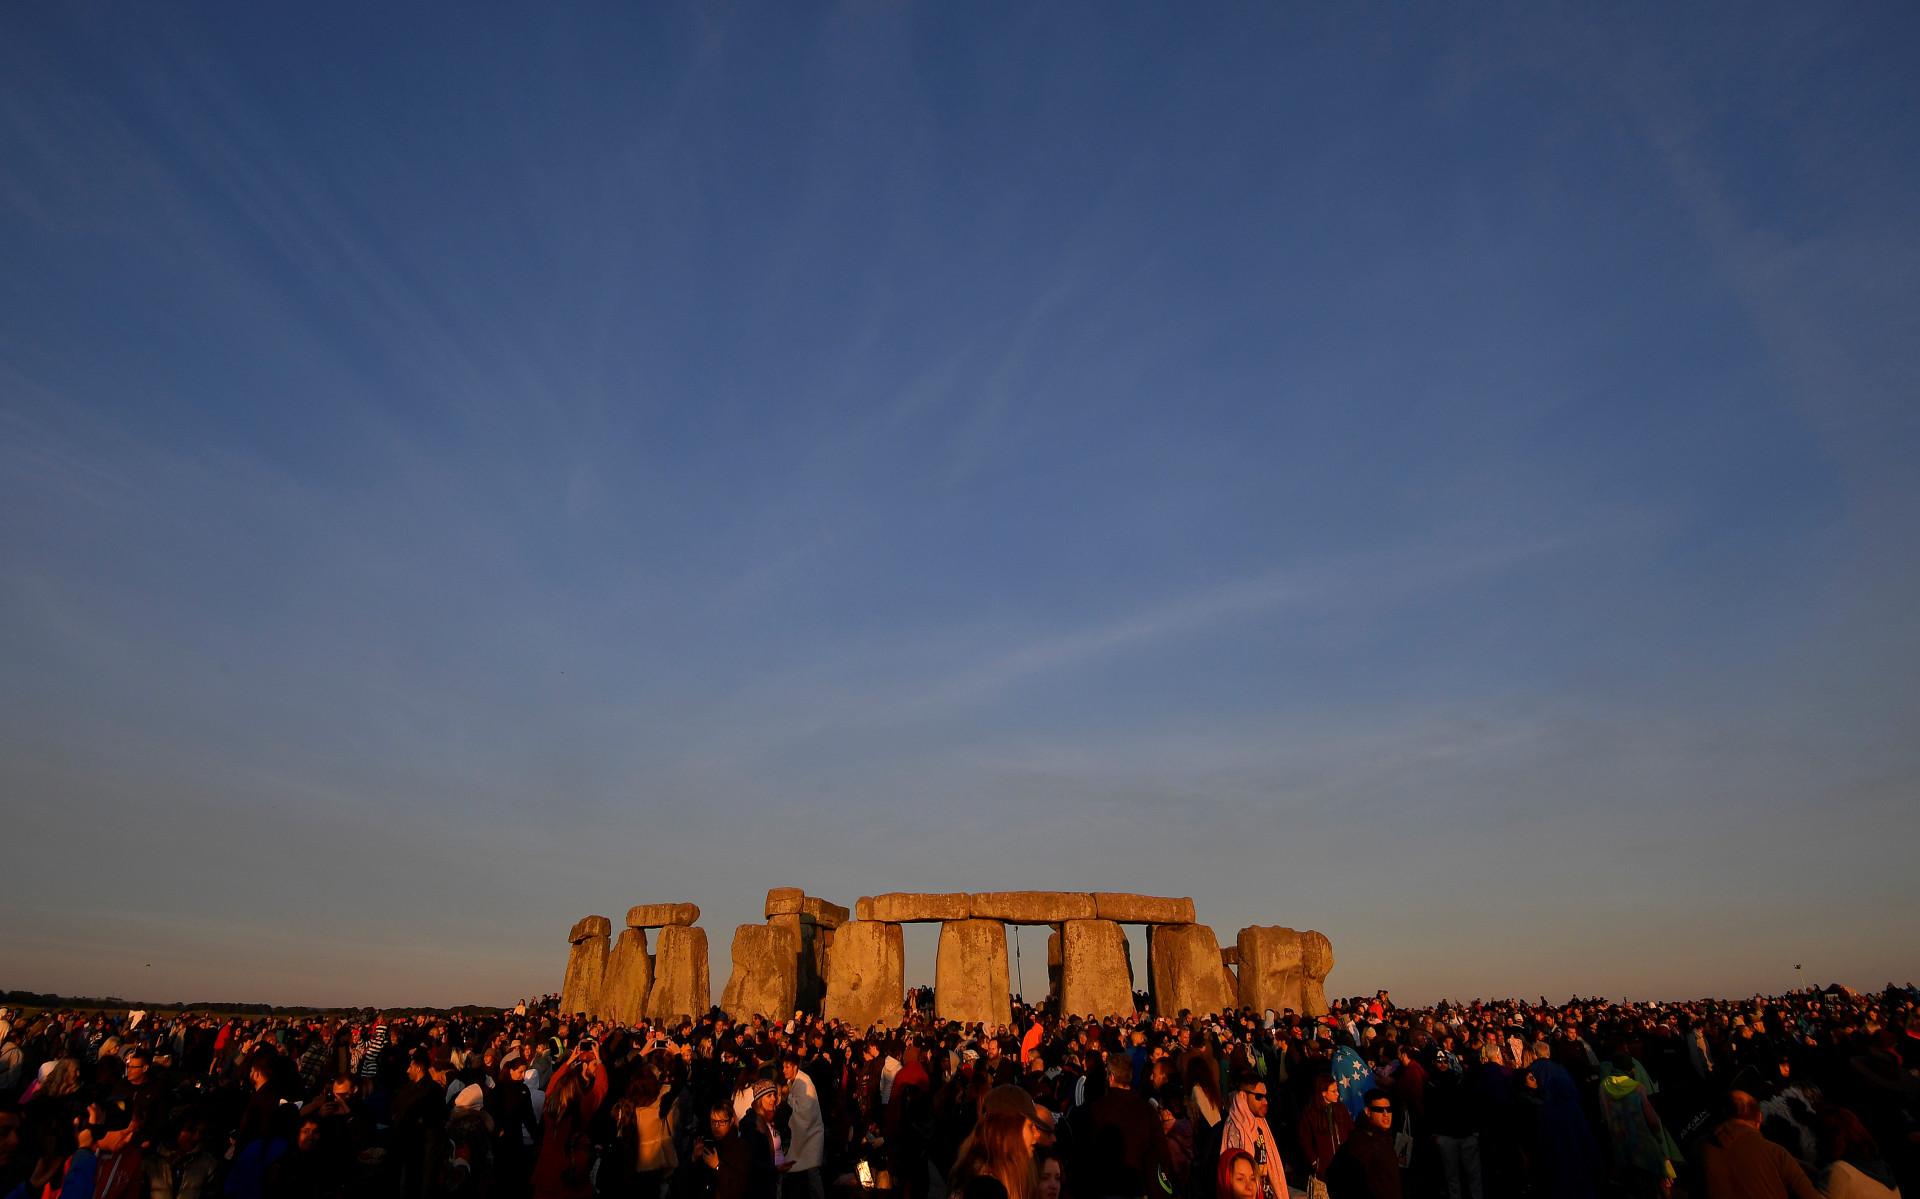 Entre lendas e memória. Assim recebeu Stonehenge o solstício de verão